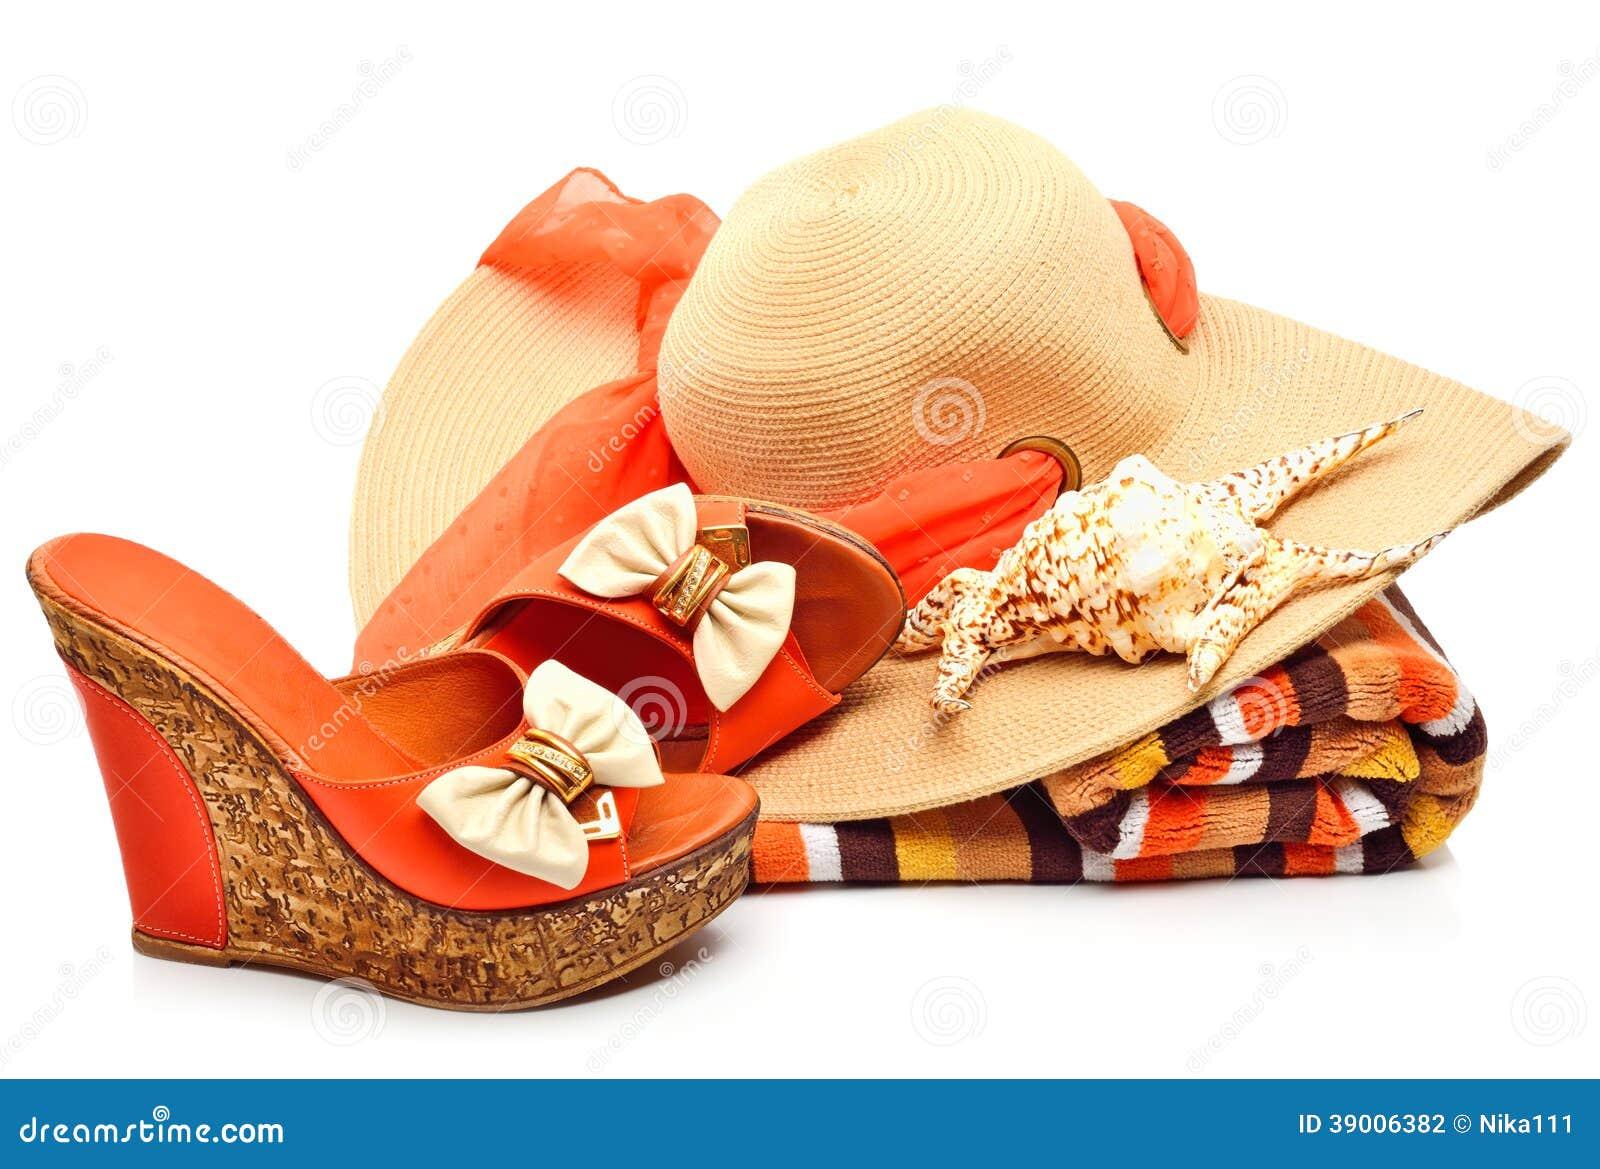 Strandhoed, handdoek, vrouwenschoenen en een zeeschelp